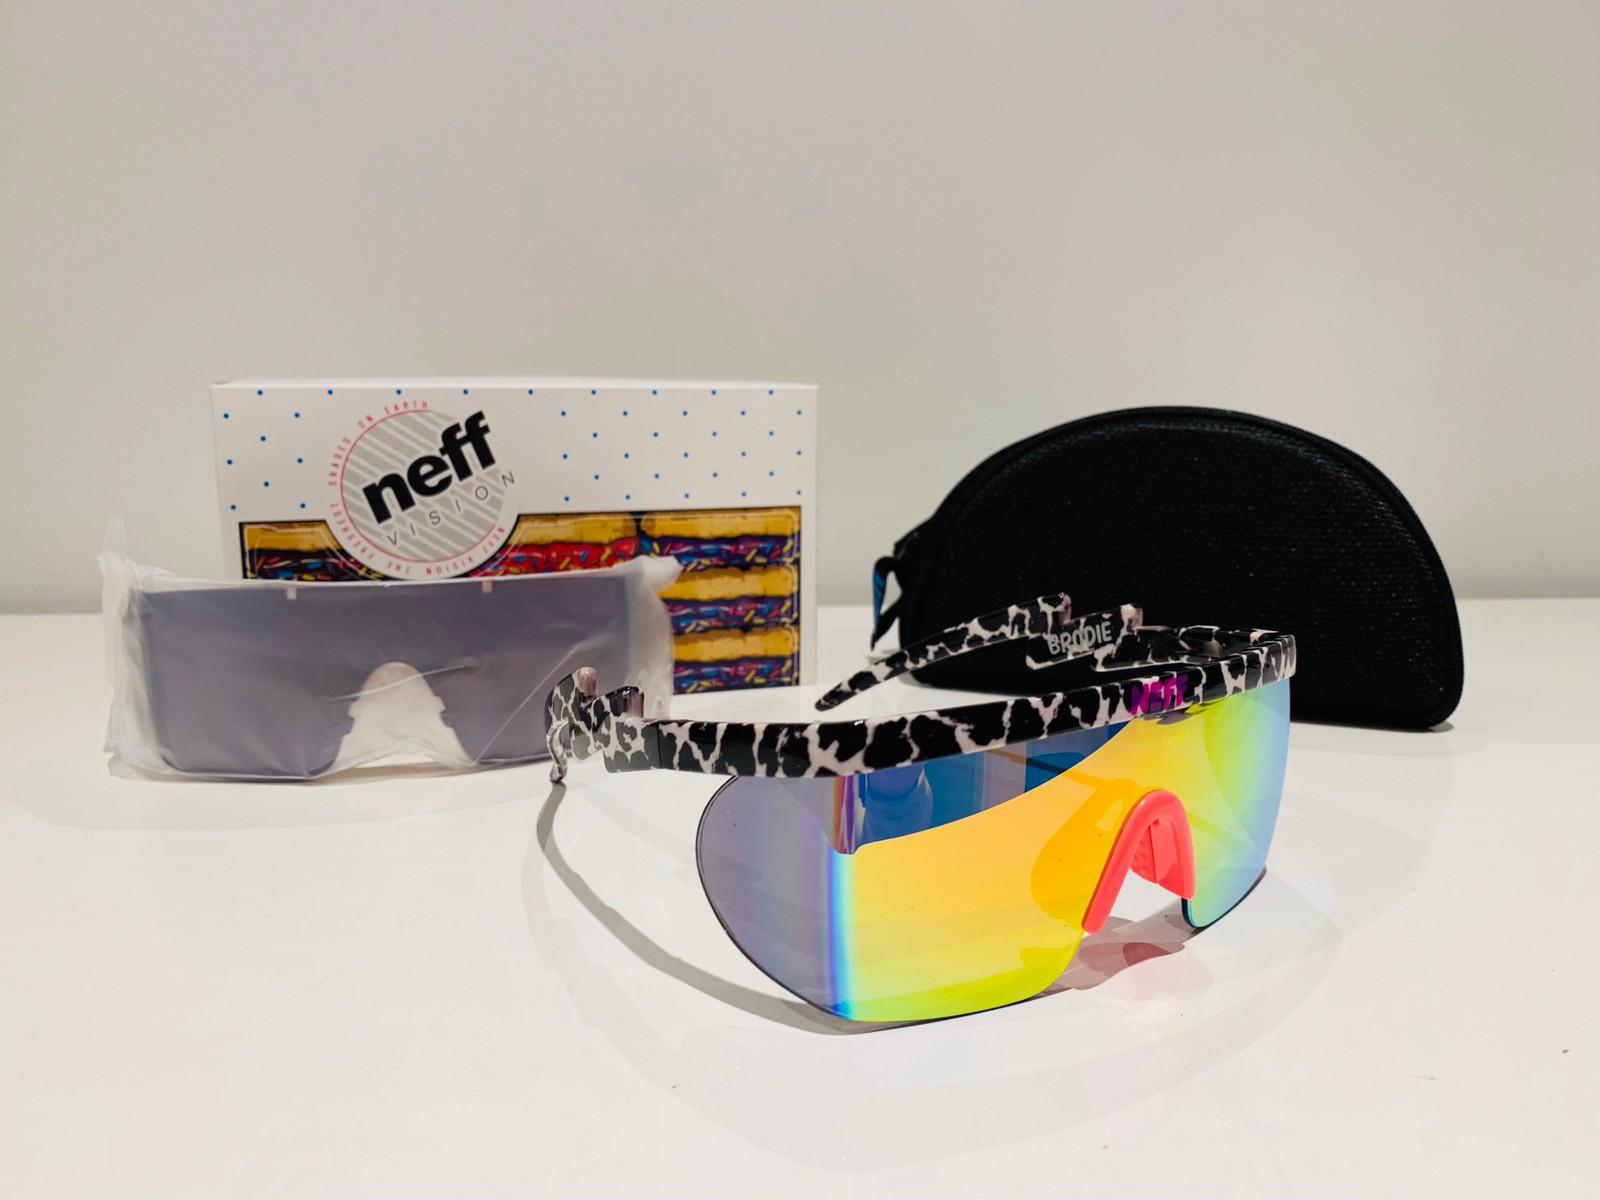 a9afe3ada076 vinter vinter vinter solbriller shades shades shades FINN Afterski raske  påske no fest B6xwSxn7